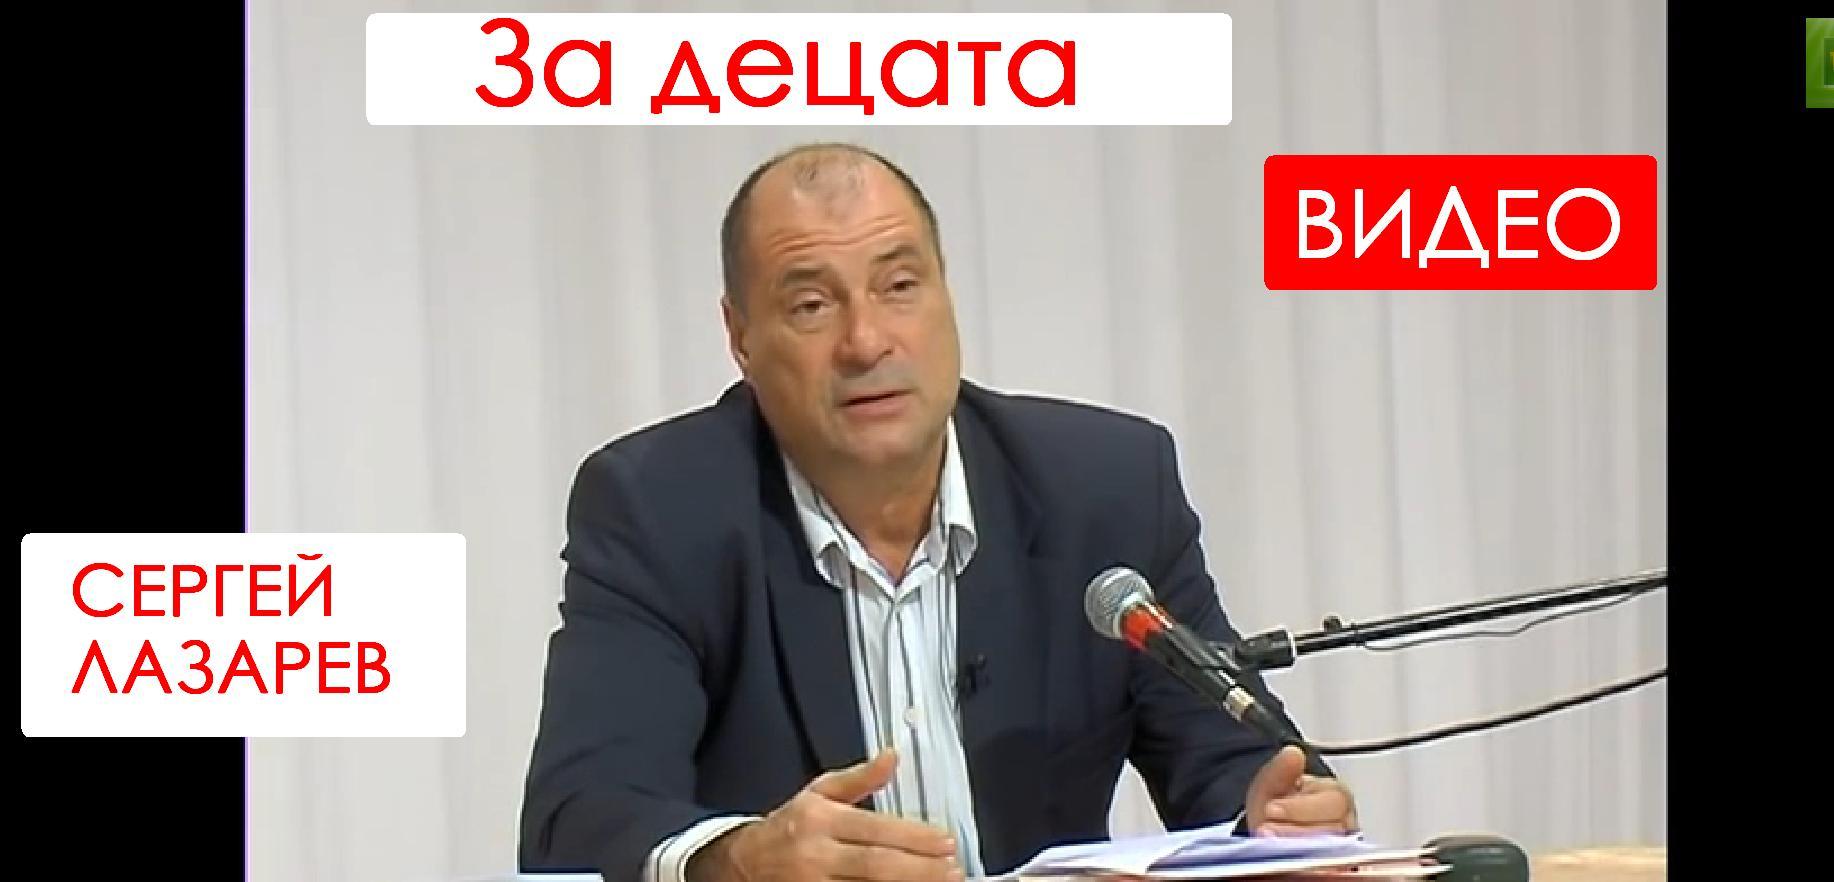 Сергей Лазарев за децата видео Sergey Lazarev video detsata